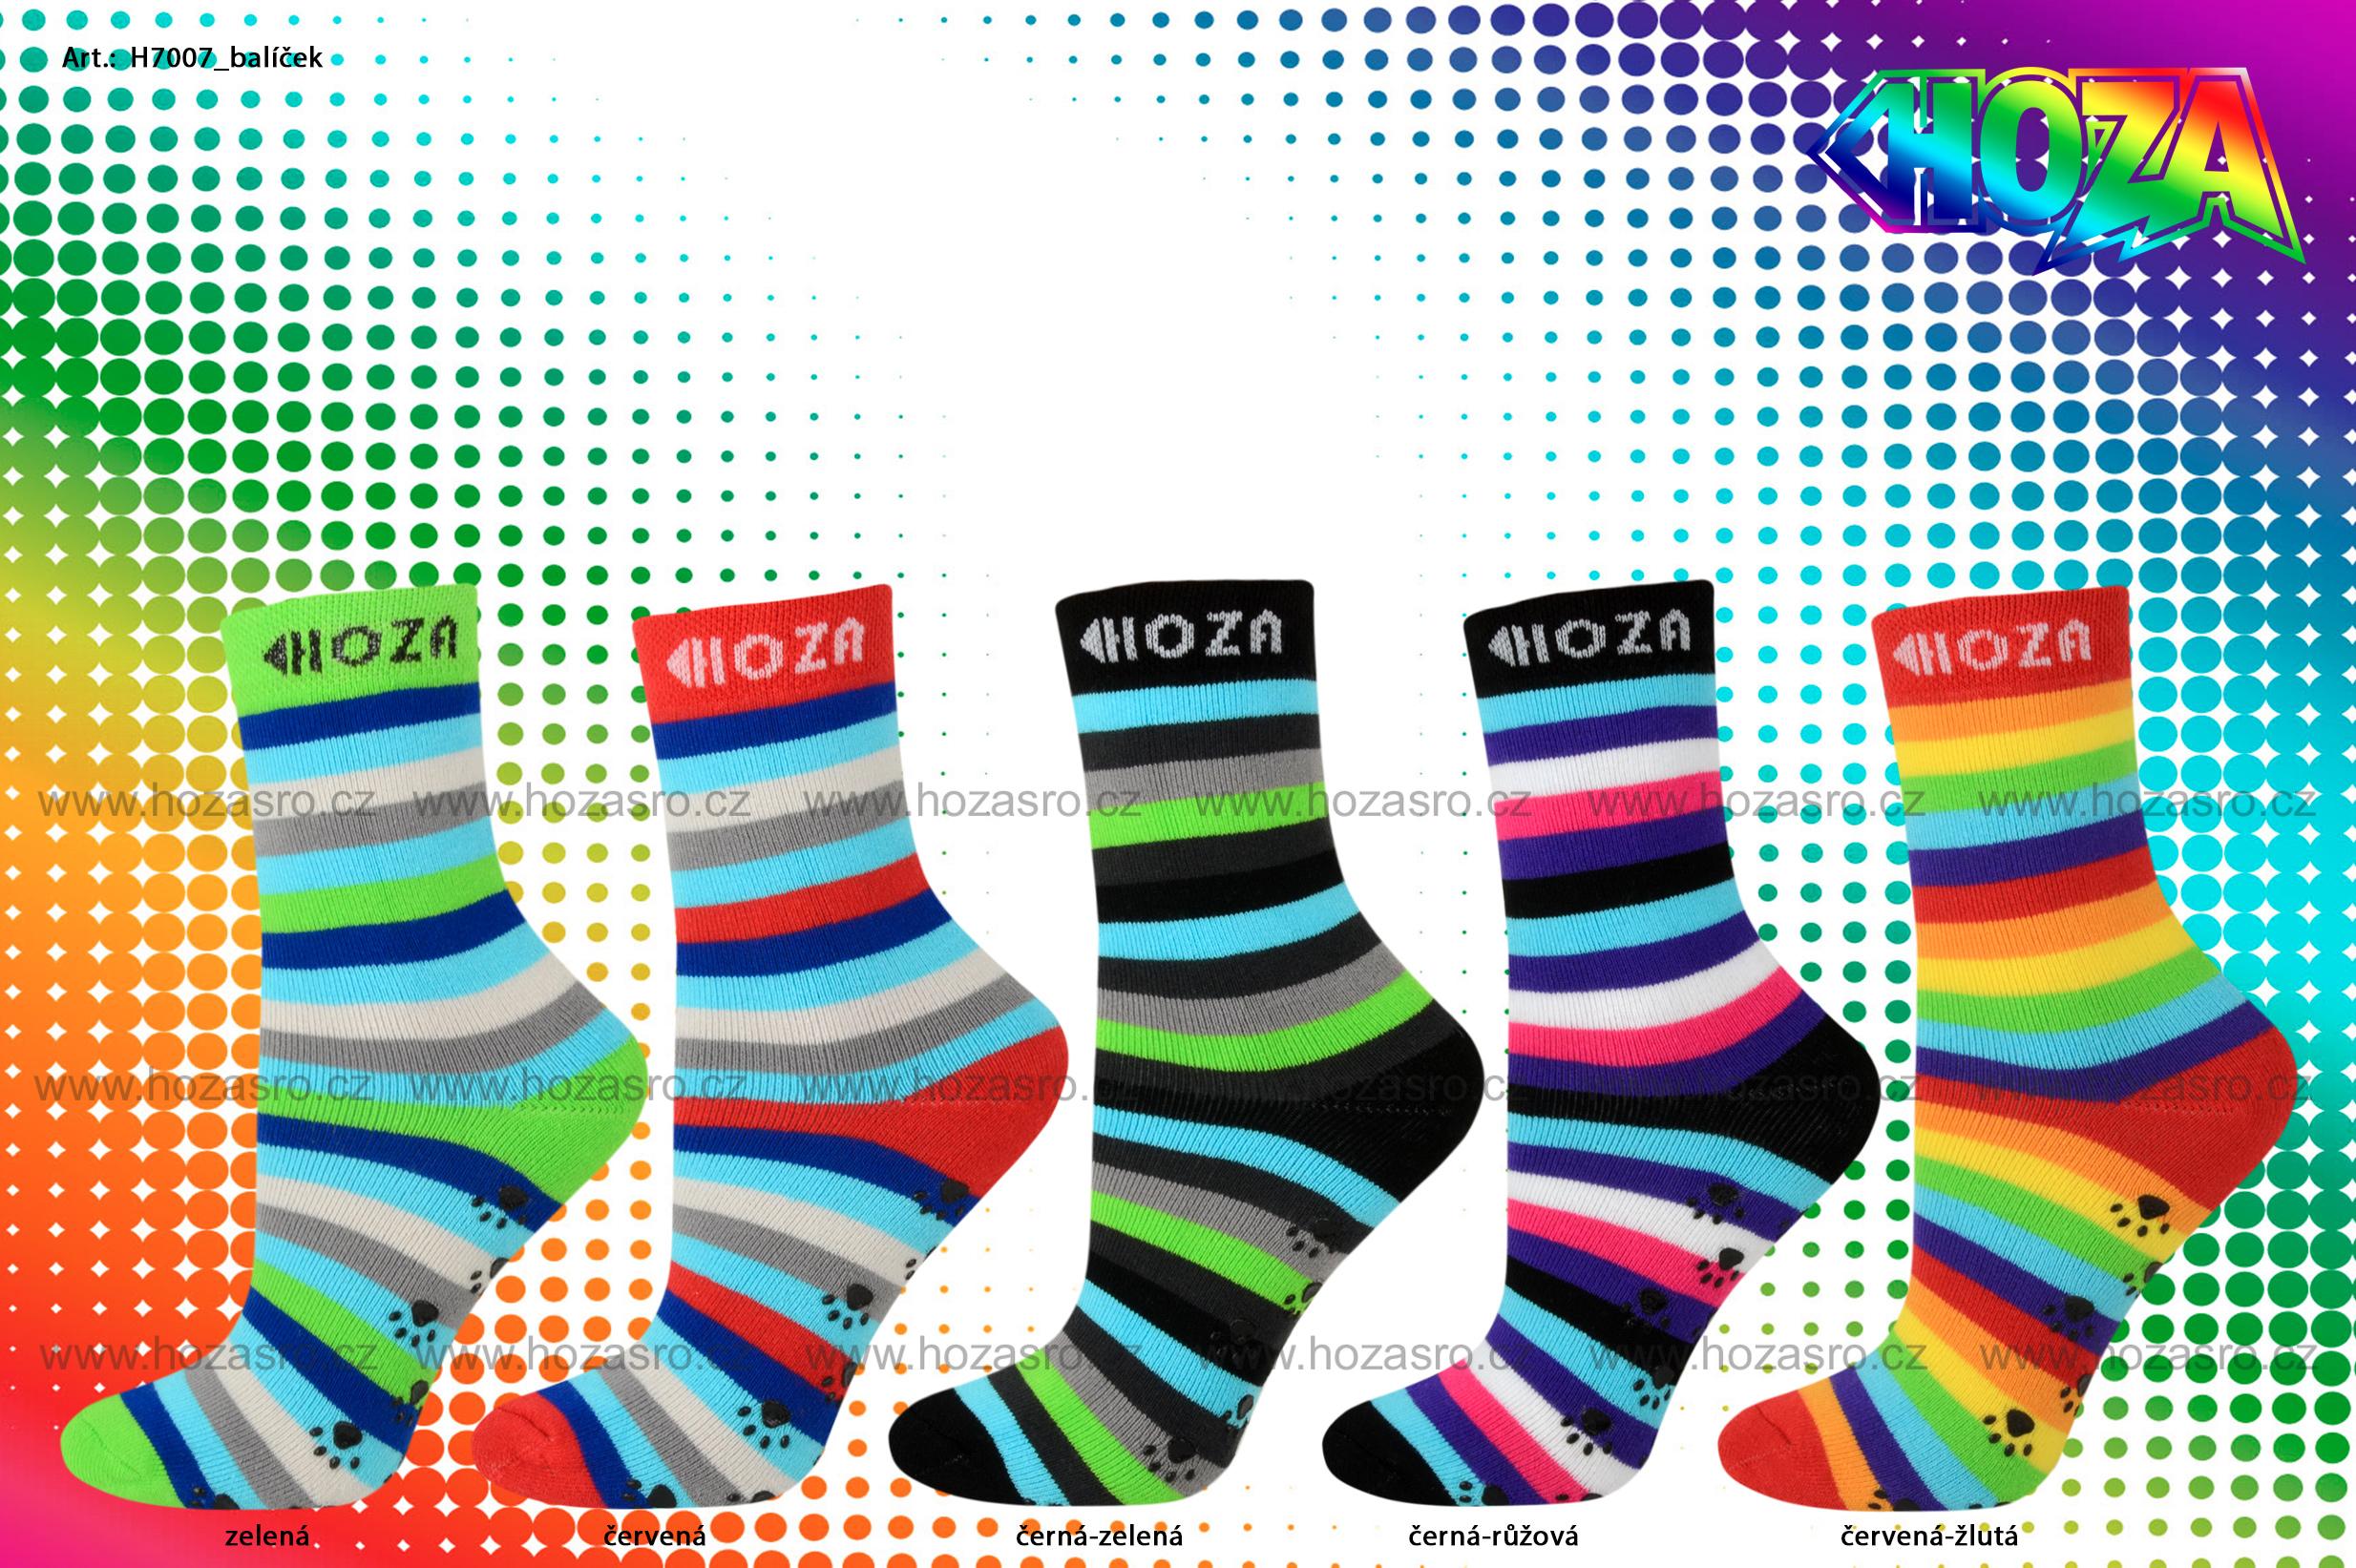 Dětské ponožky HOZA THERMO Froté - ABS ťapky - H7007